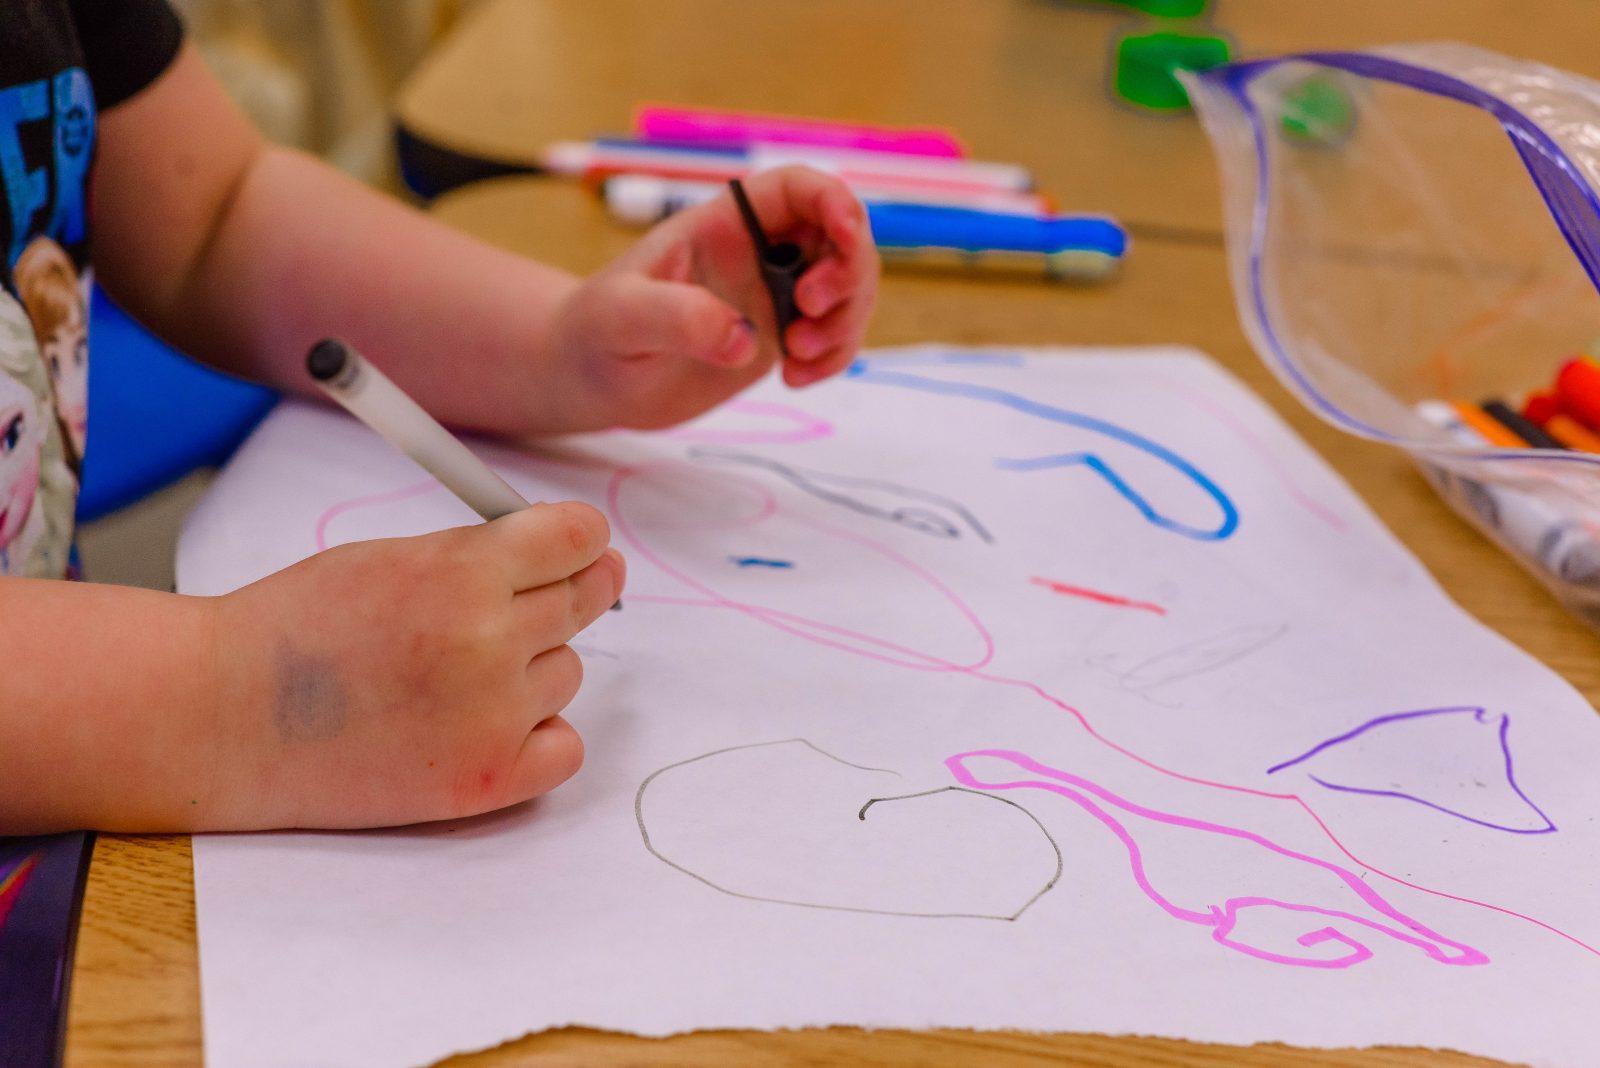 Lapsi piirtämässä